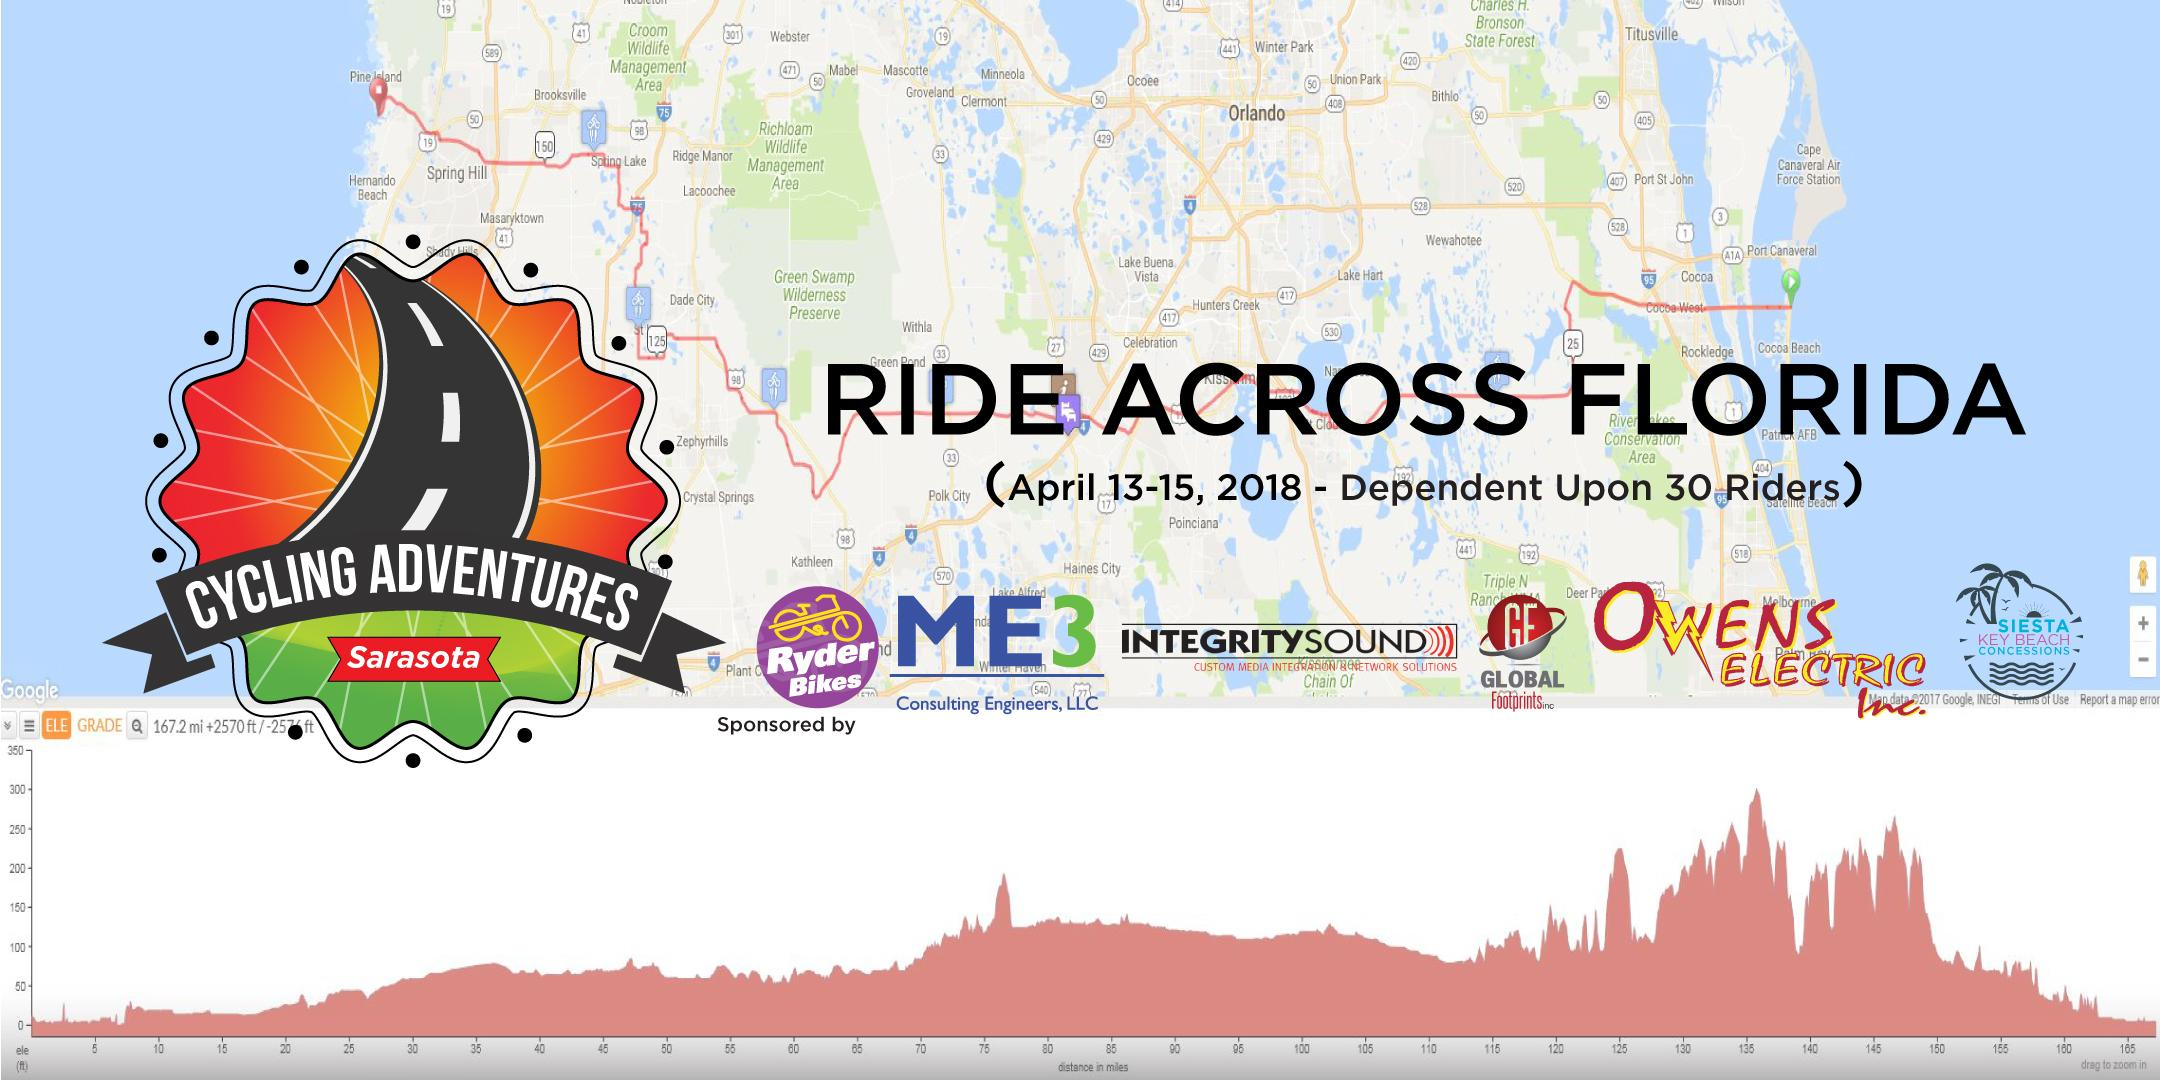 Ride Across Florida - Sarasota Cycling Adventures